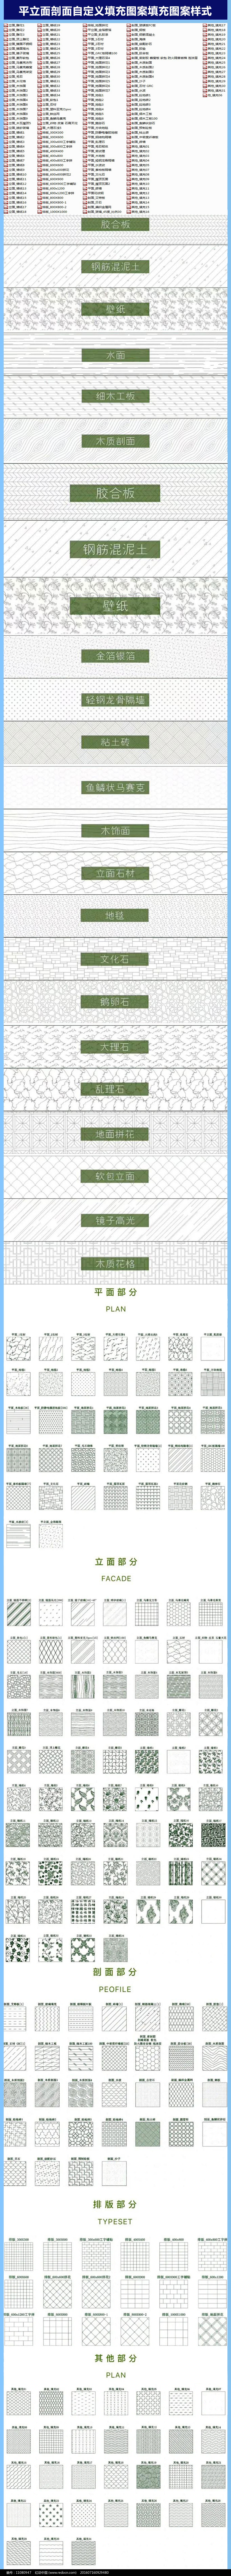 室内平立面剖面自定义填充图案样式图片